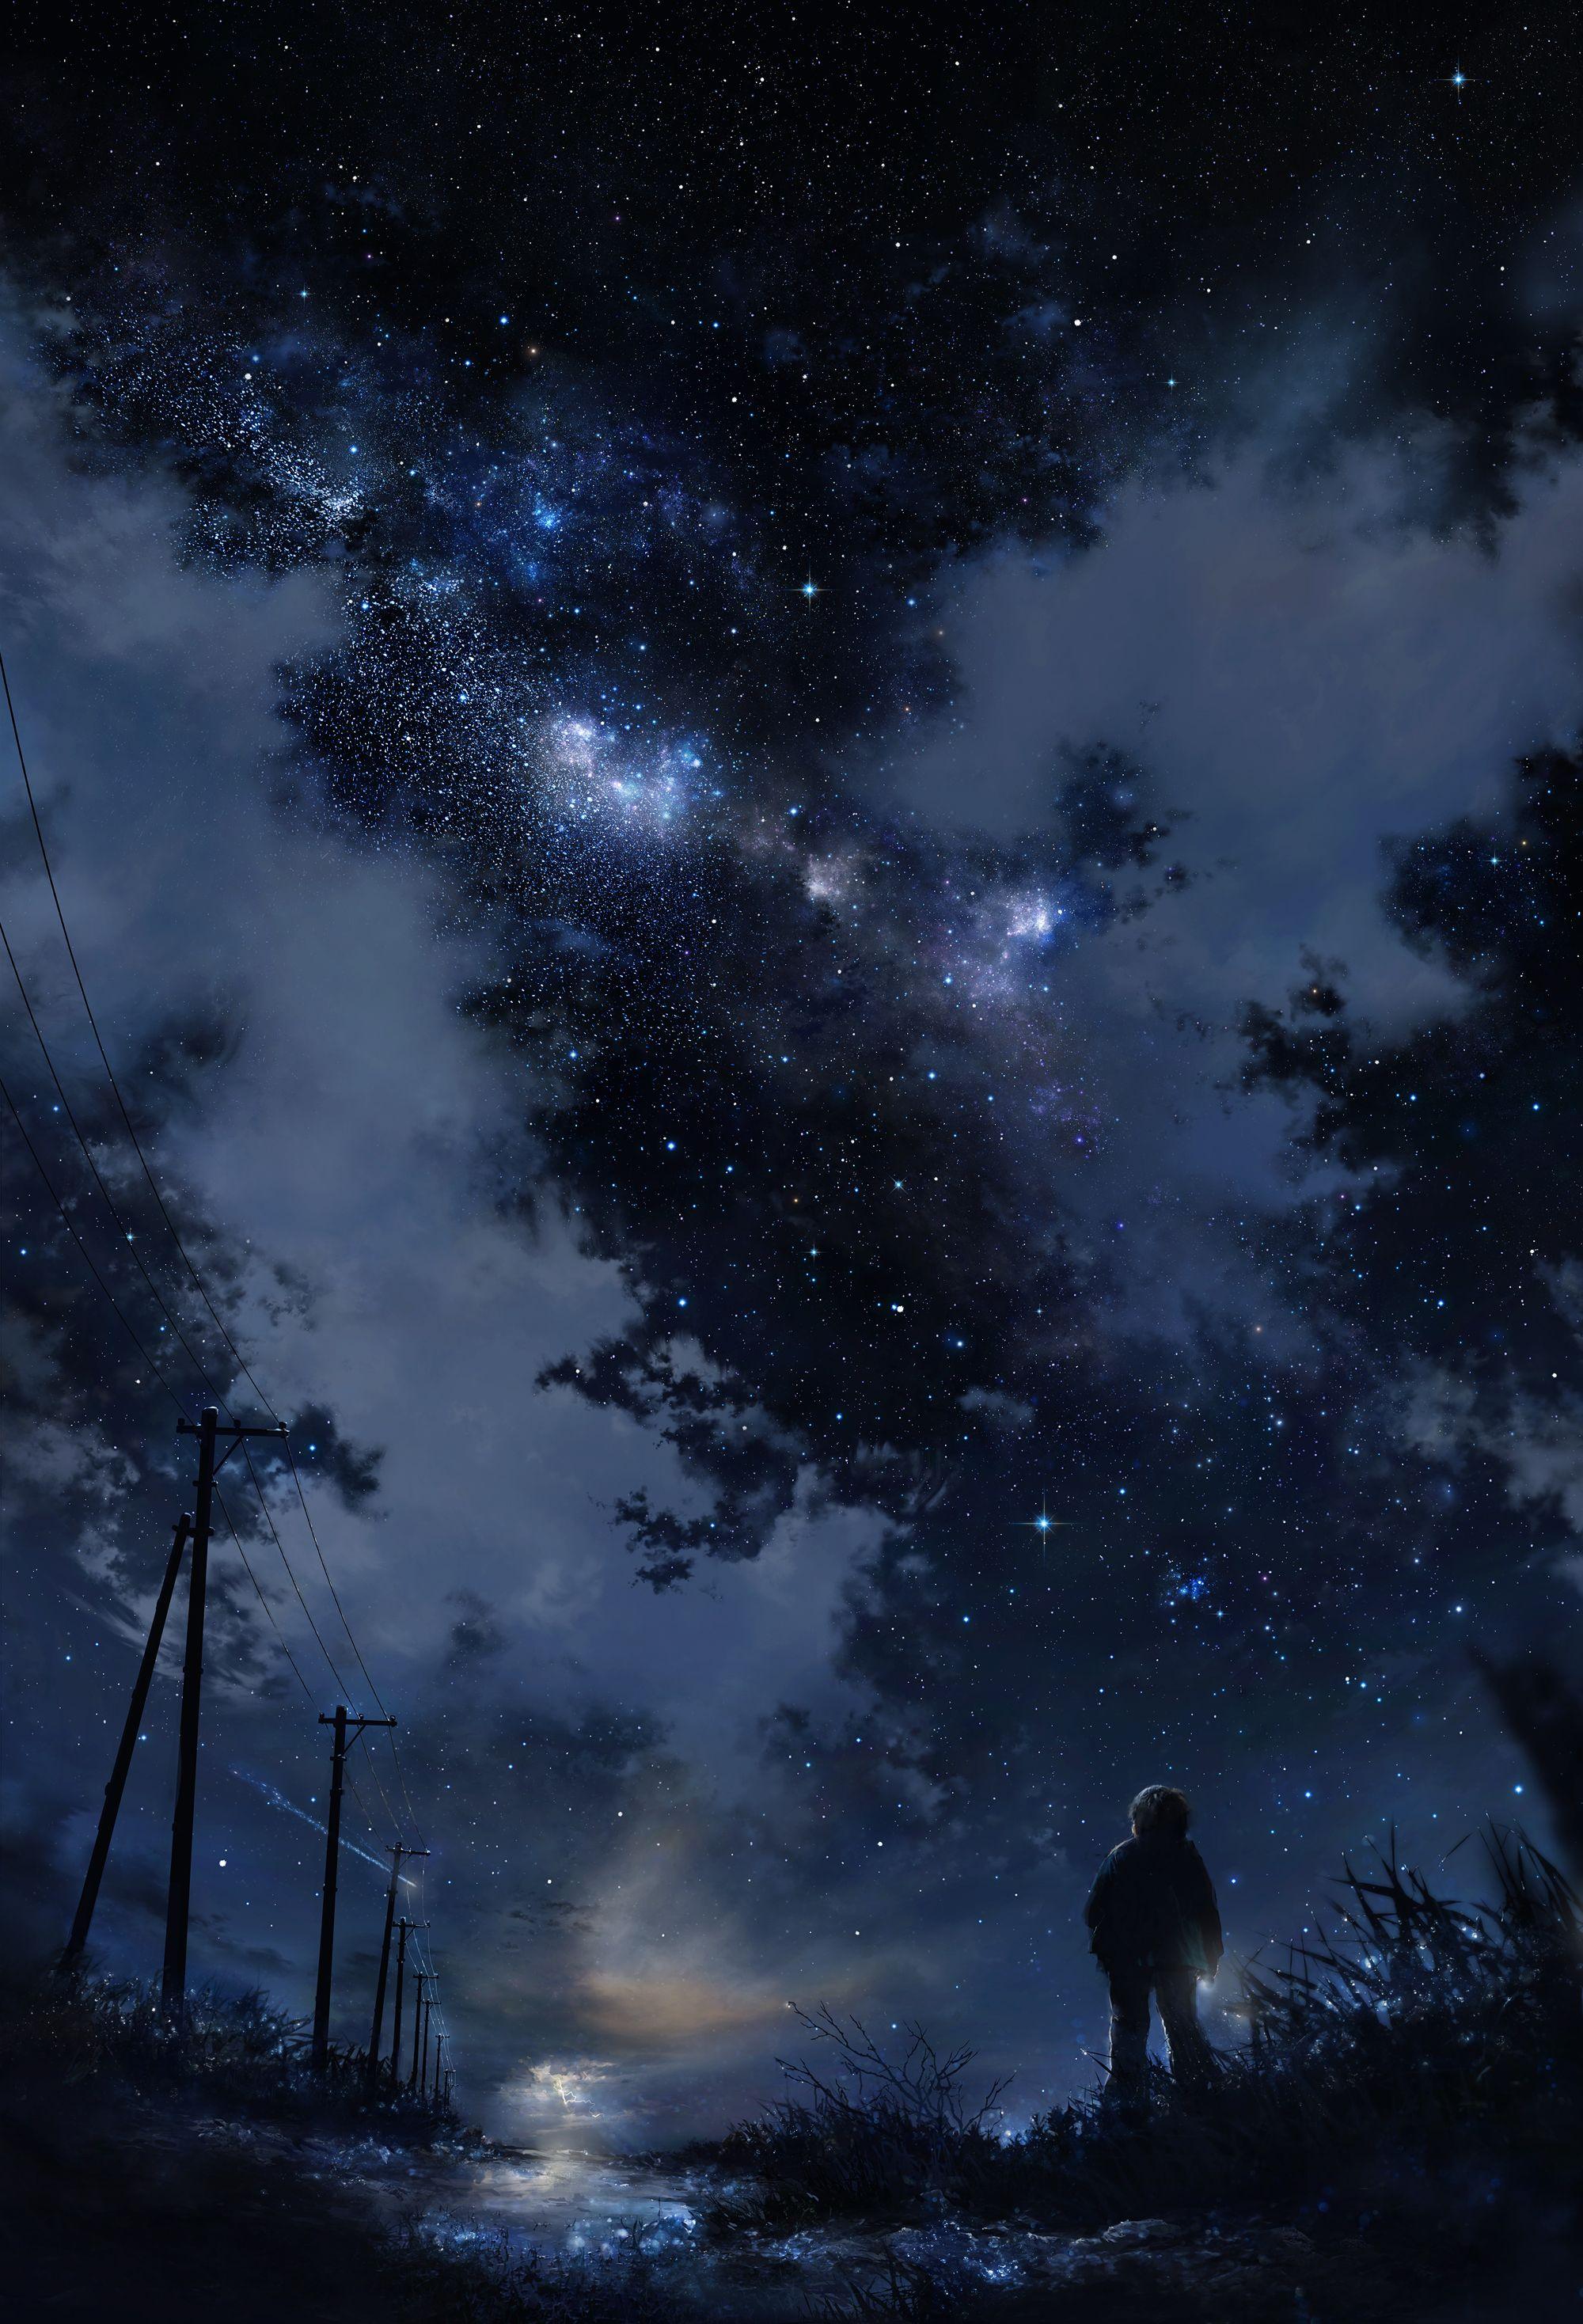 星空 雨星 ツジキのイラスト 風景 美しい風景 綺麗なイラスト